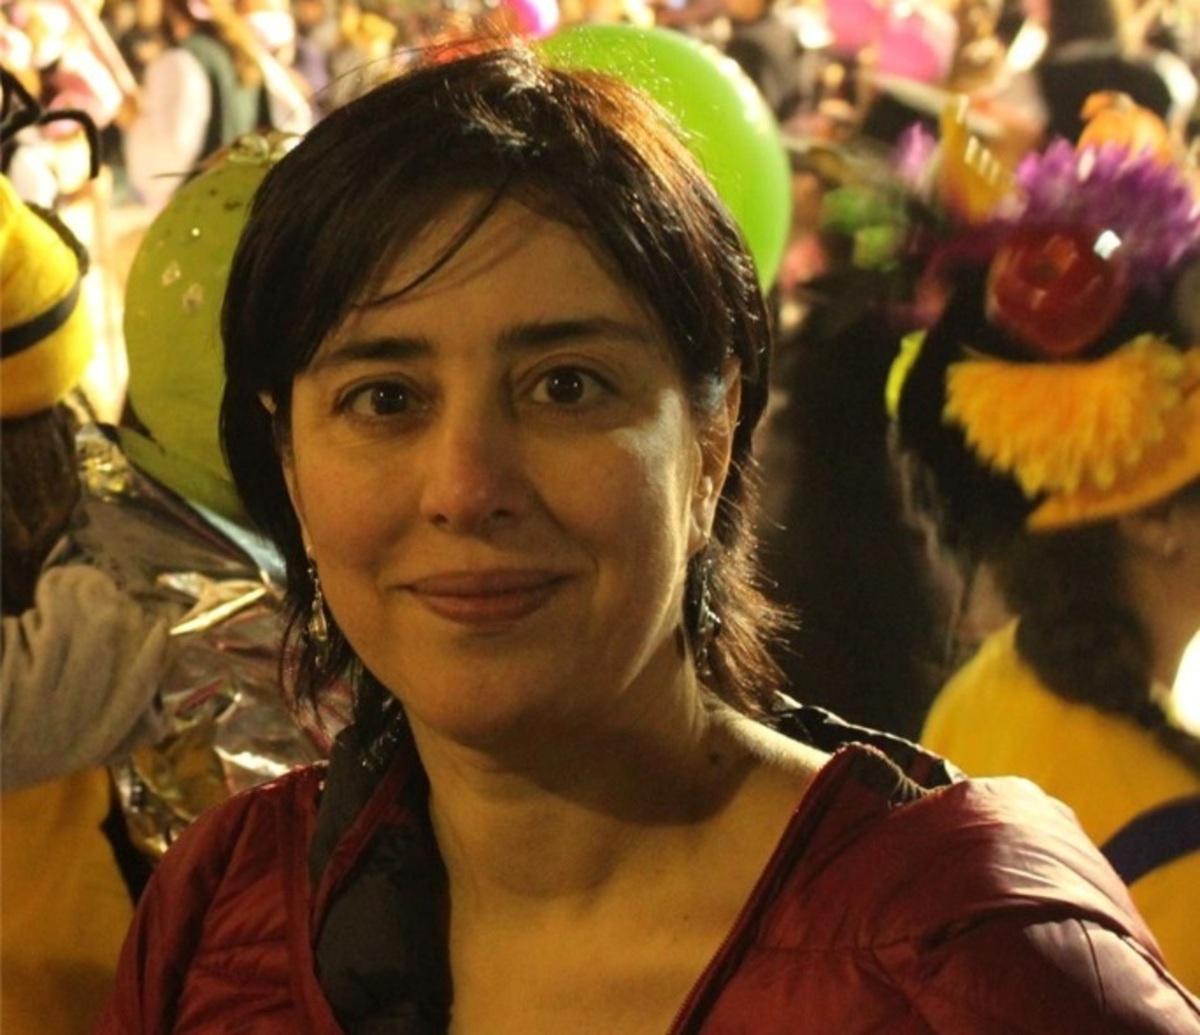 Σύρος: Η Μαρία Δεναξά επανέρχεται μετά την ανάρτηση της ταβερνιάρισσας – Η απόδειξη που άναψε φωτιές [pics] | Newsit.gr